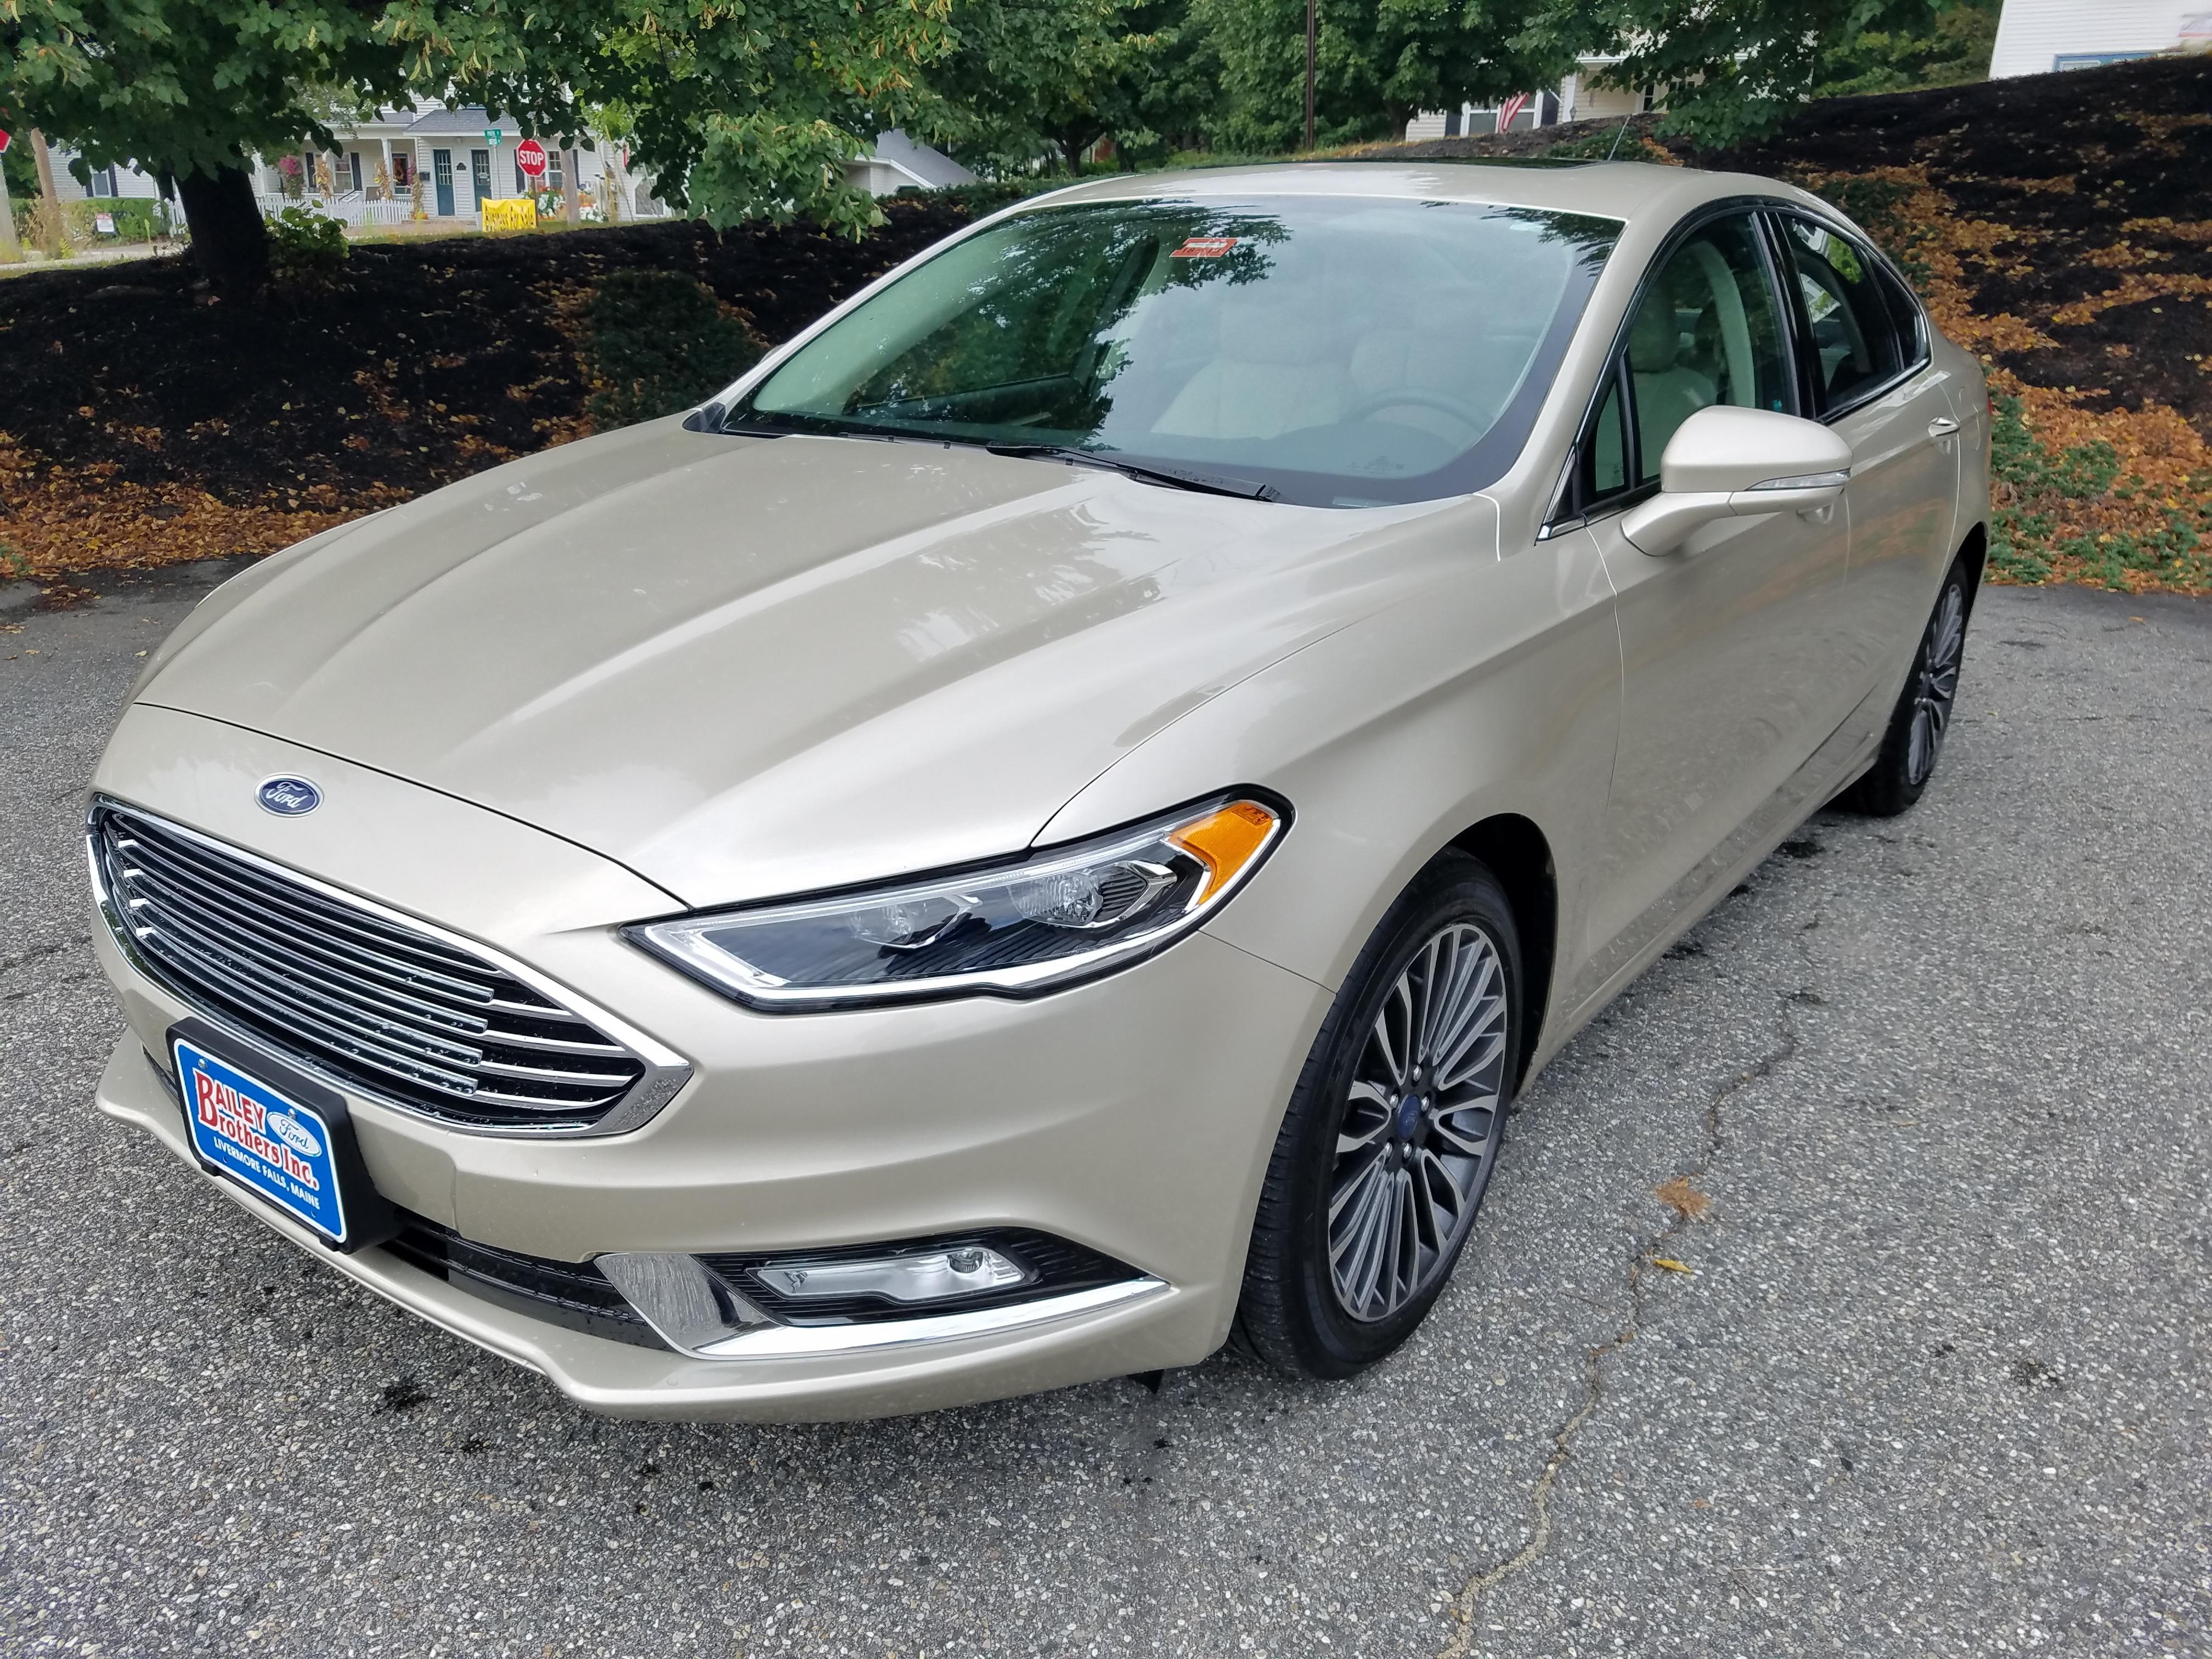 2018 Ford Fusion 4WD Titanium